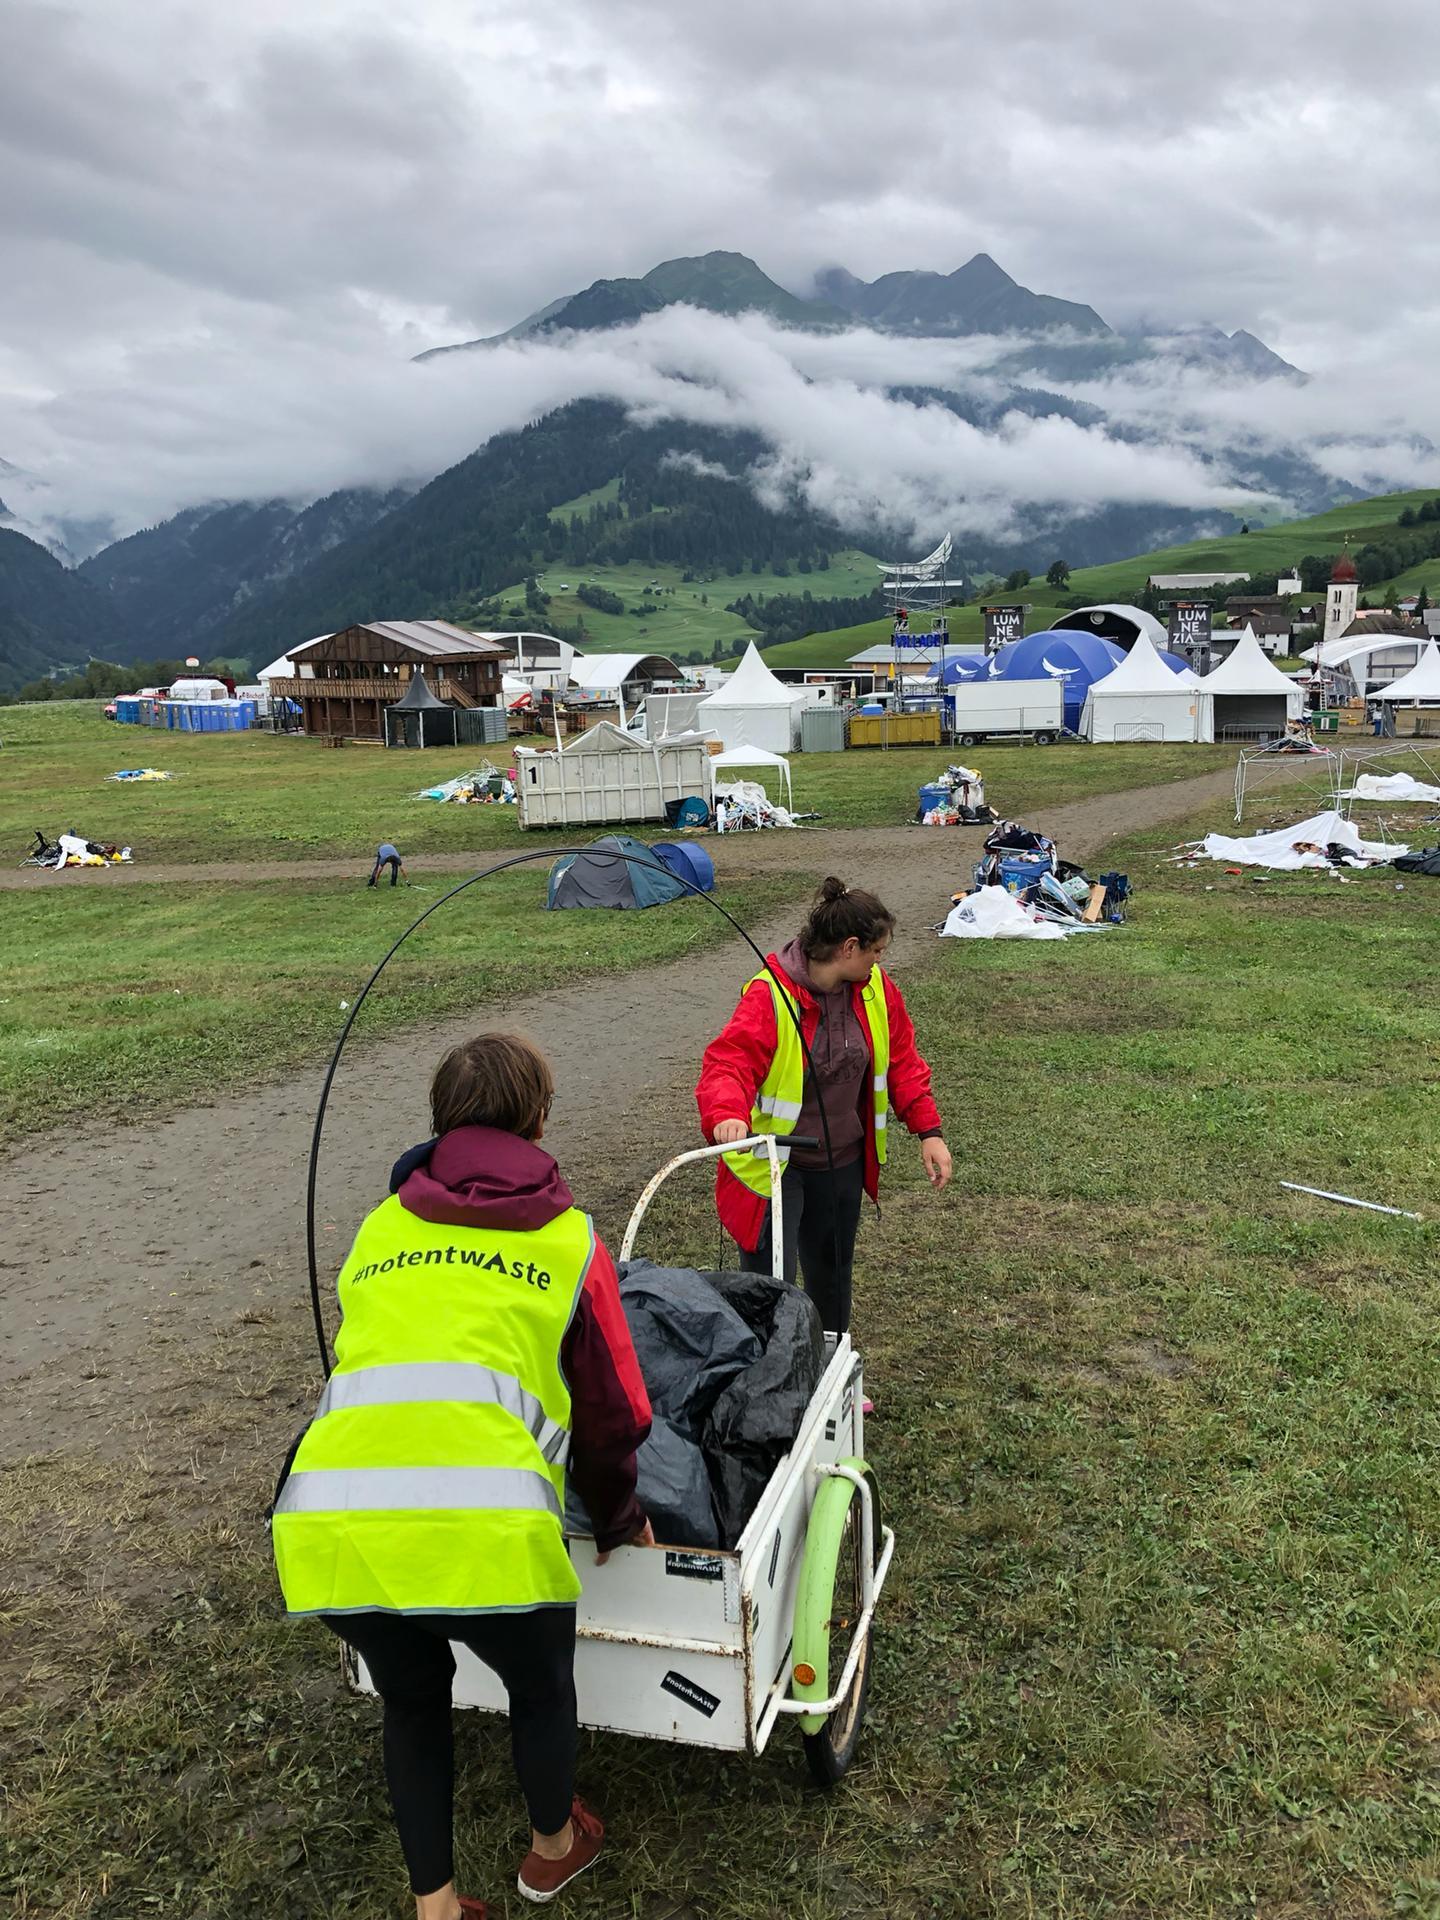 Da das weitläufige Gelände nicht gut mit unseren Vans befahren werden konnte, wurden diese kleinen Leiterwagen zur Hilfe genommen.